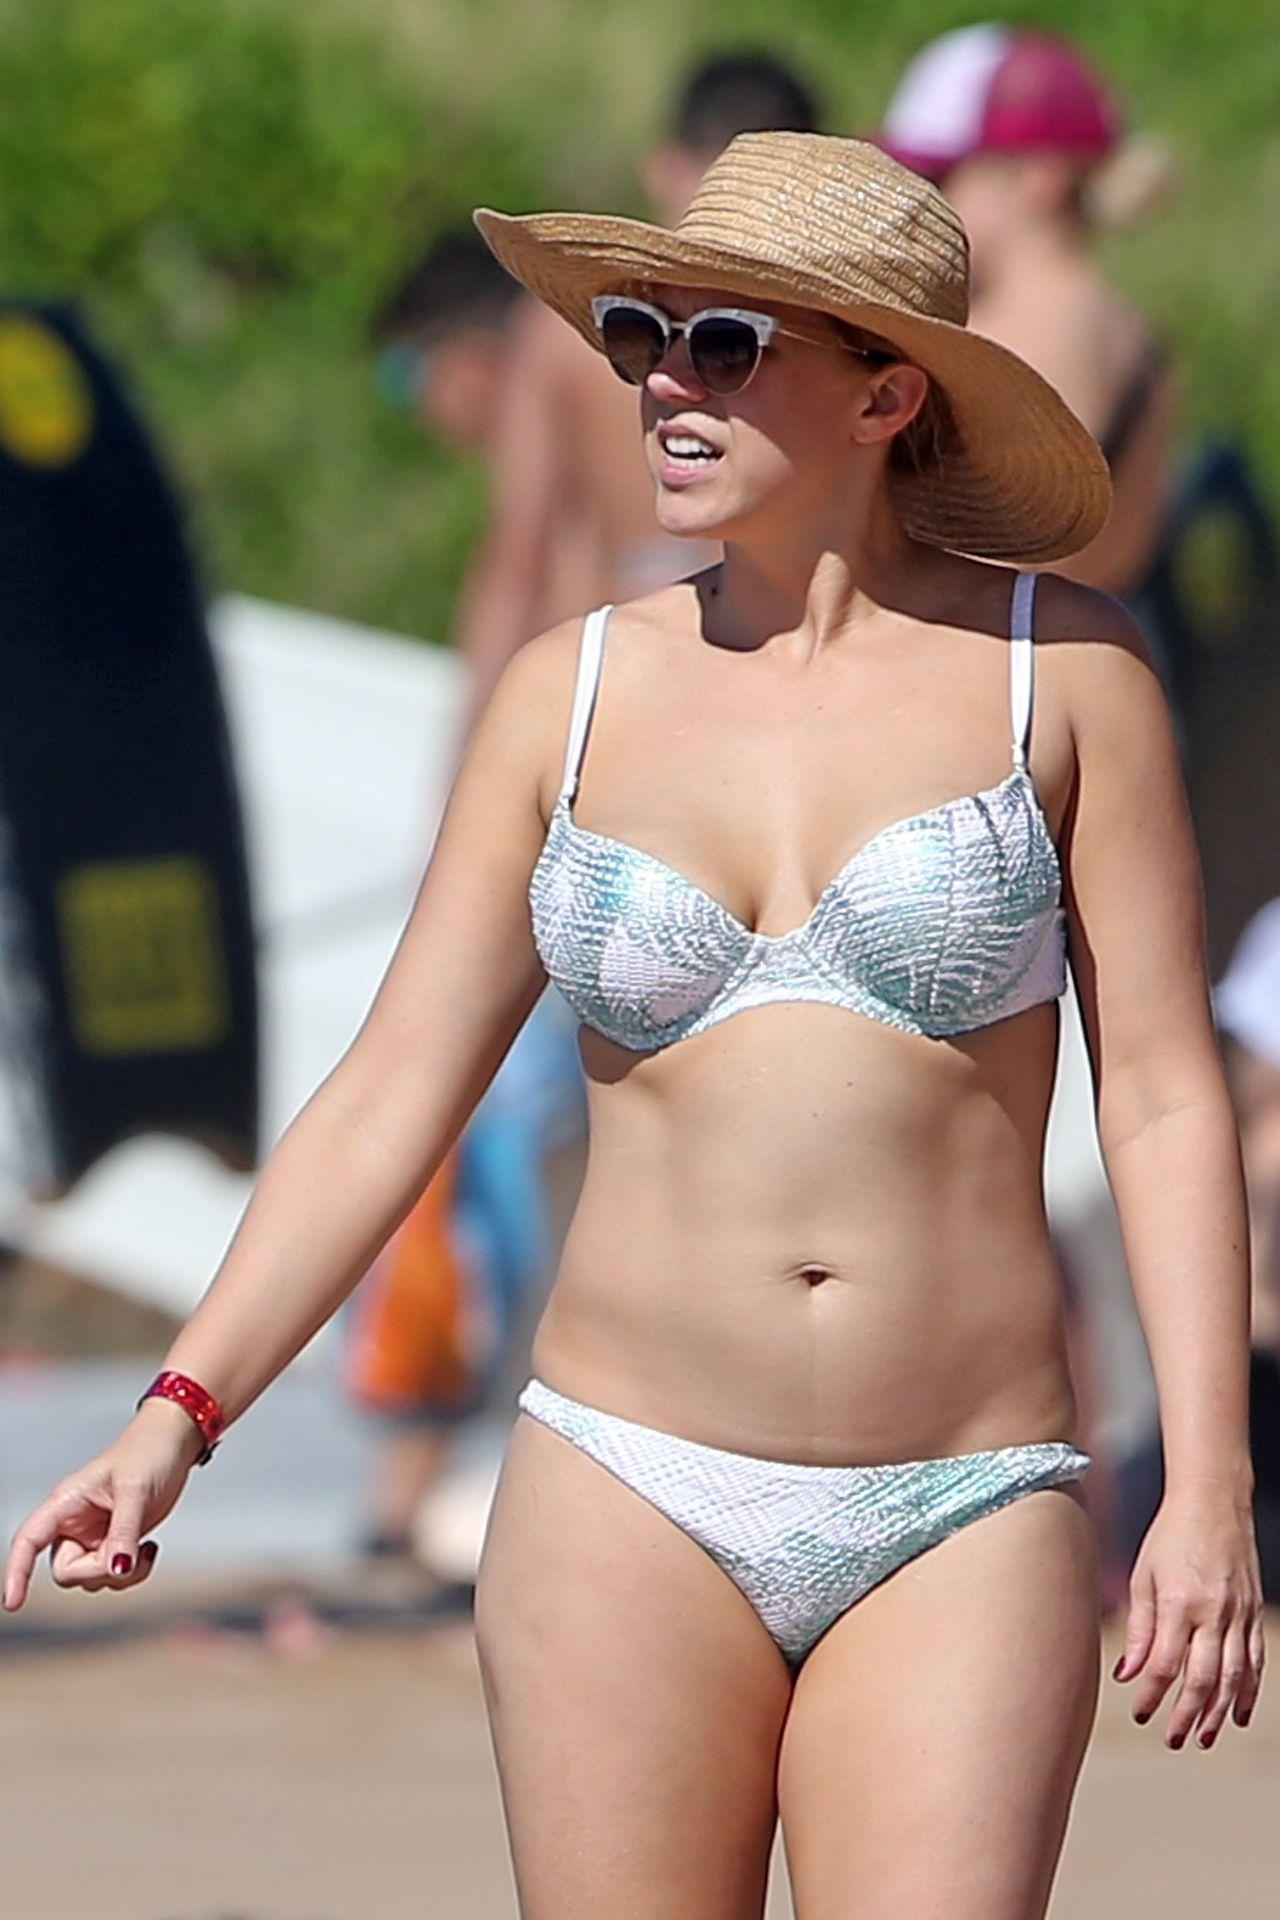 Jodie sweetin bikini pic